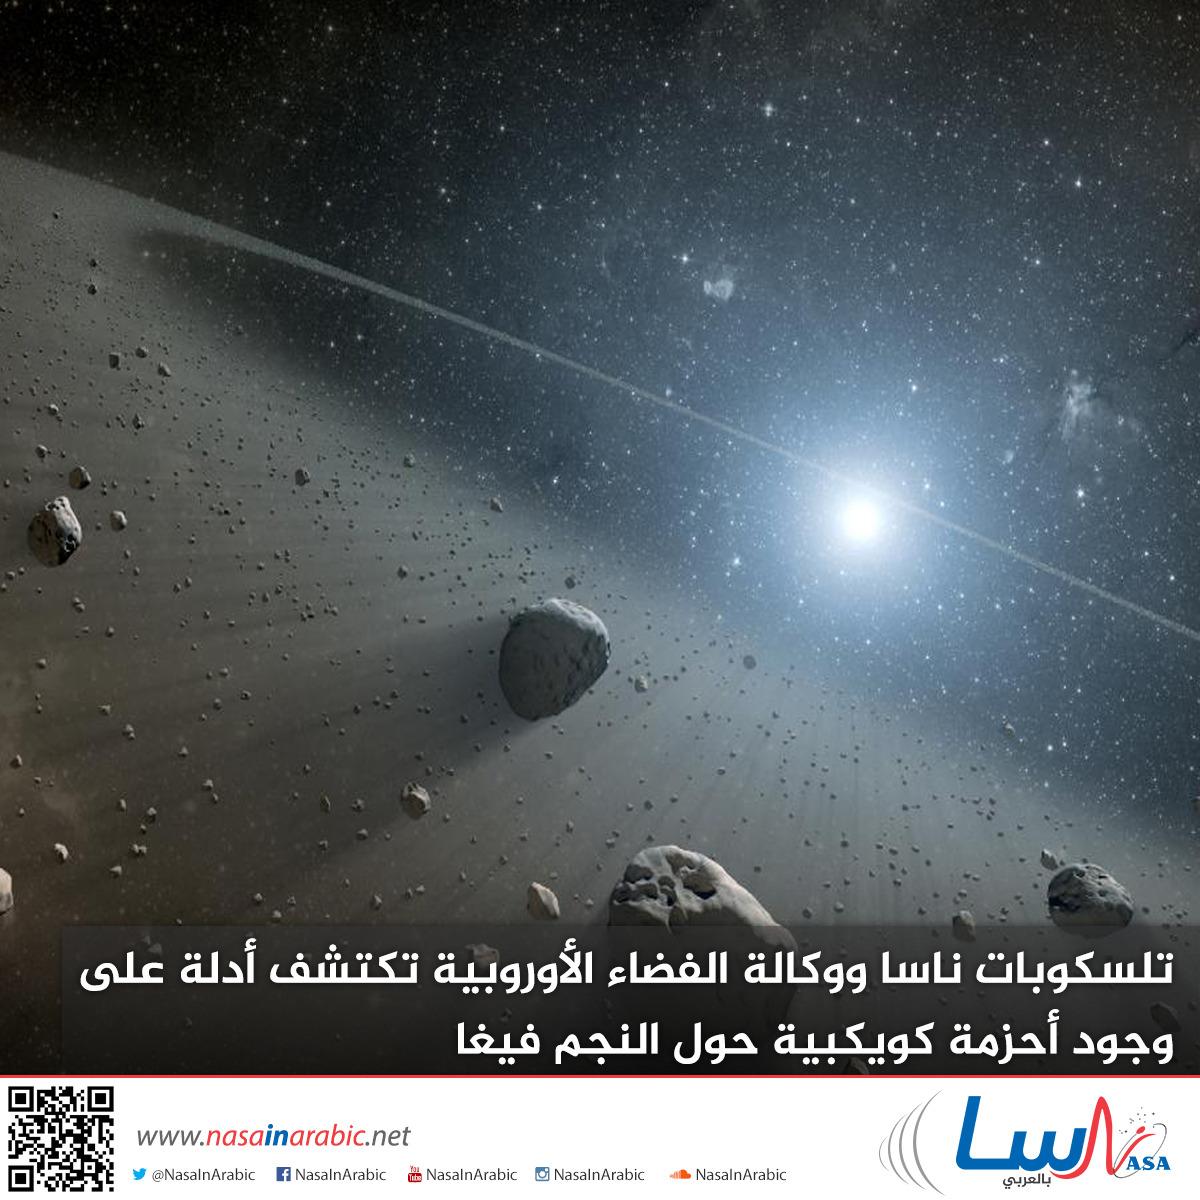 تلسكوبات ناسا ووكالة الفضاء الأوروبية تكتشف أدلة على وجود أحزمة كويكبية حول النجم فيغا